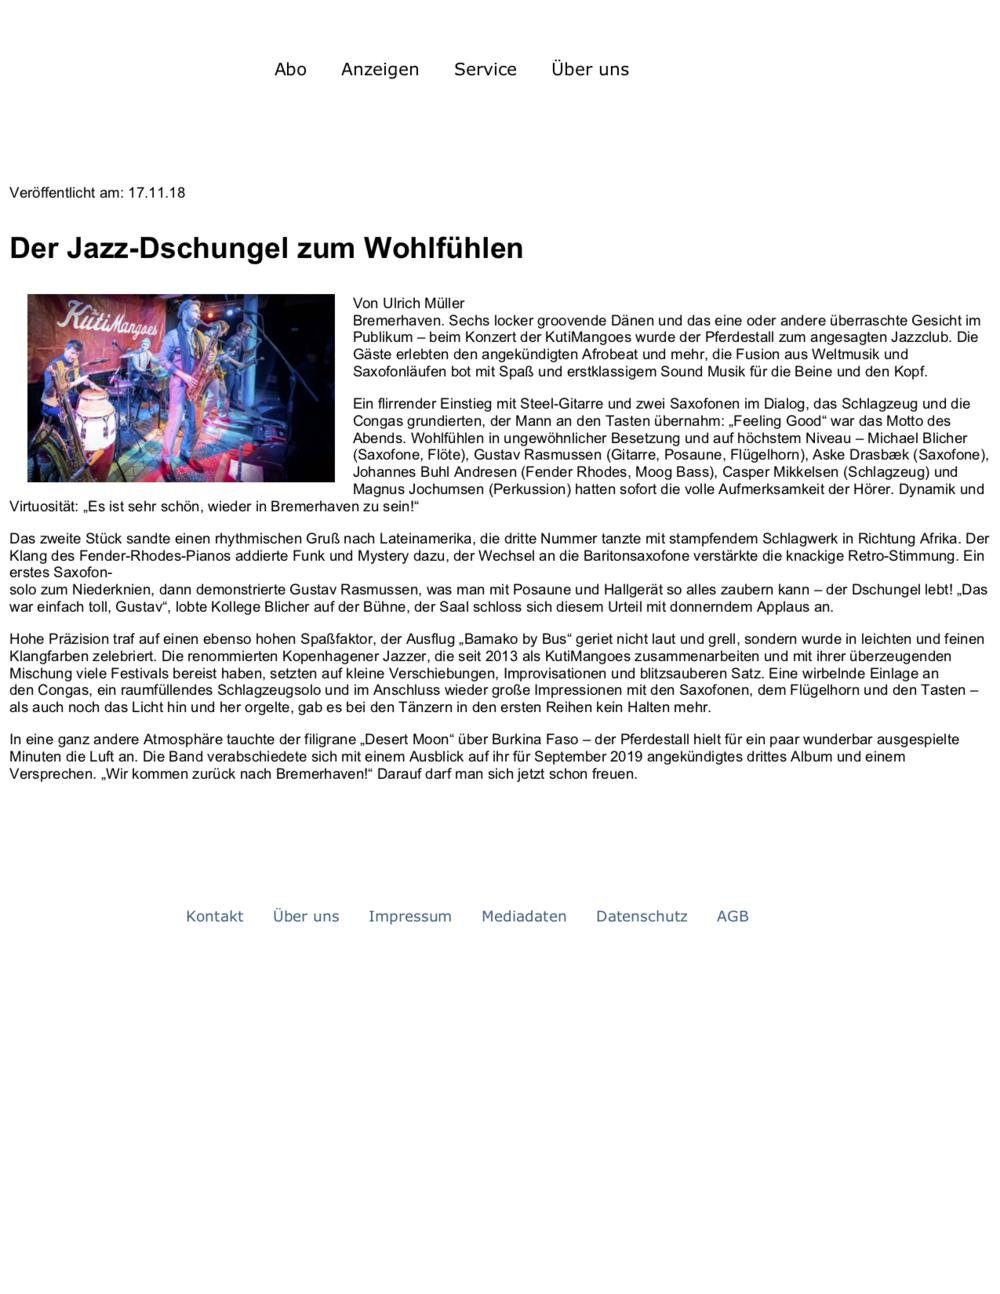 Nordsee Zeitung: Der Jazz-Dschungel zum Wohlfühlen